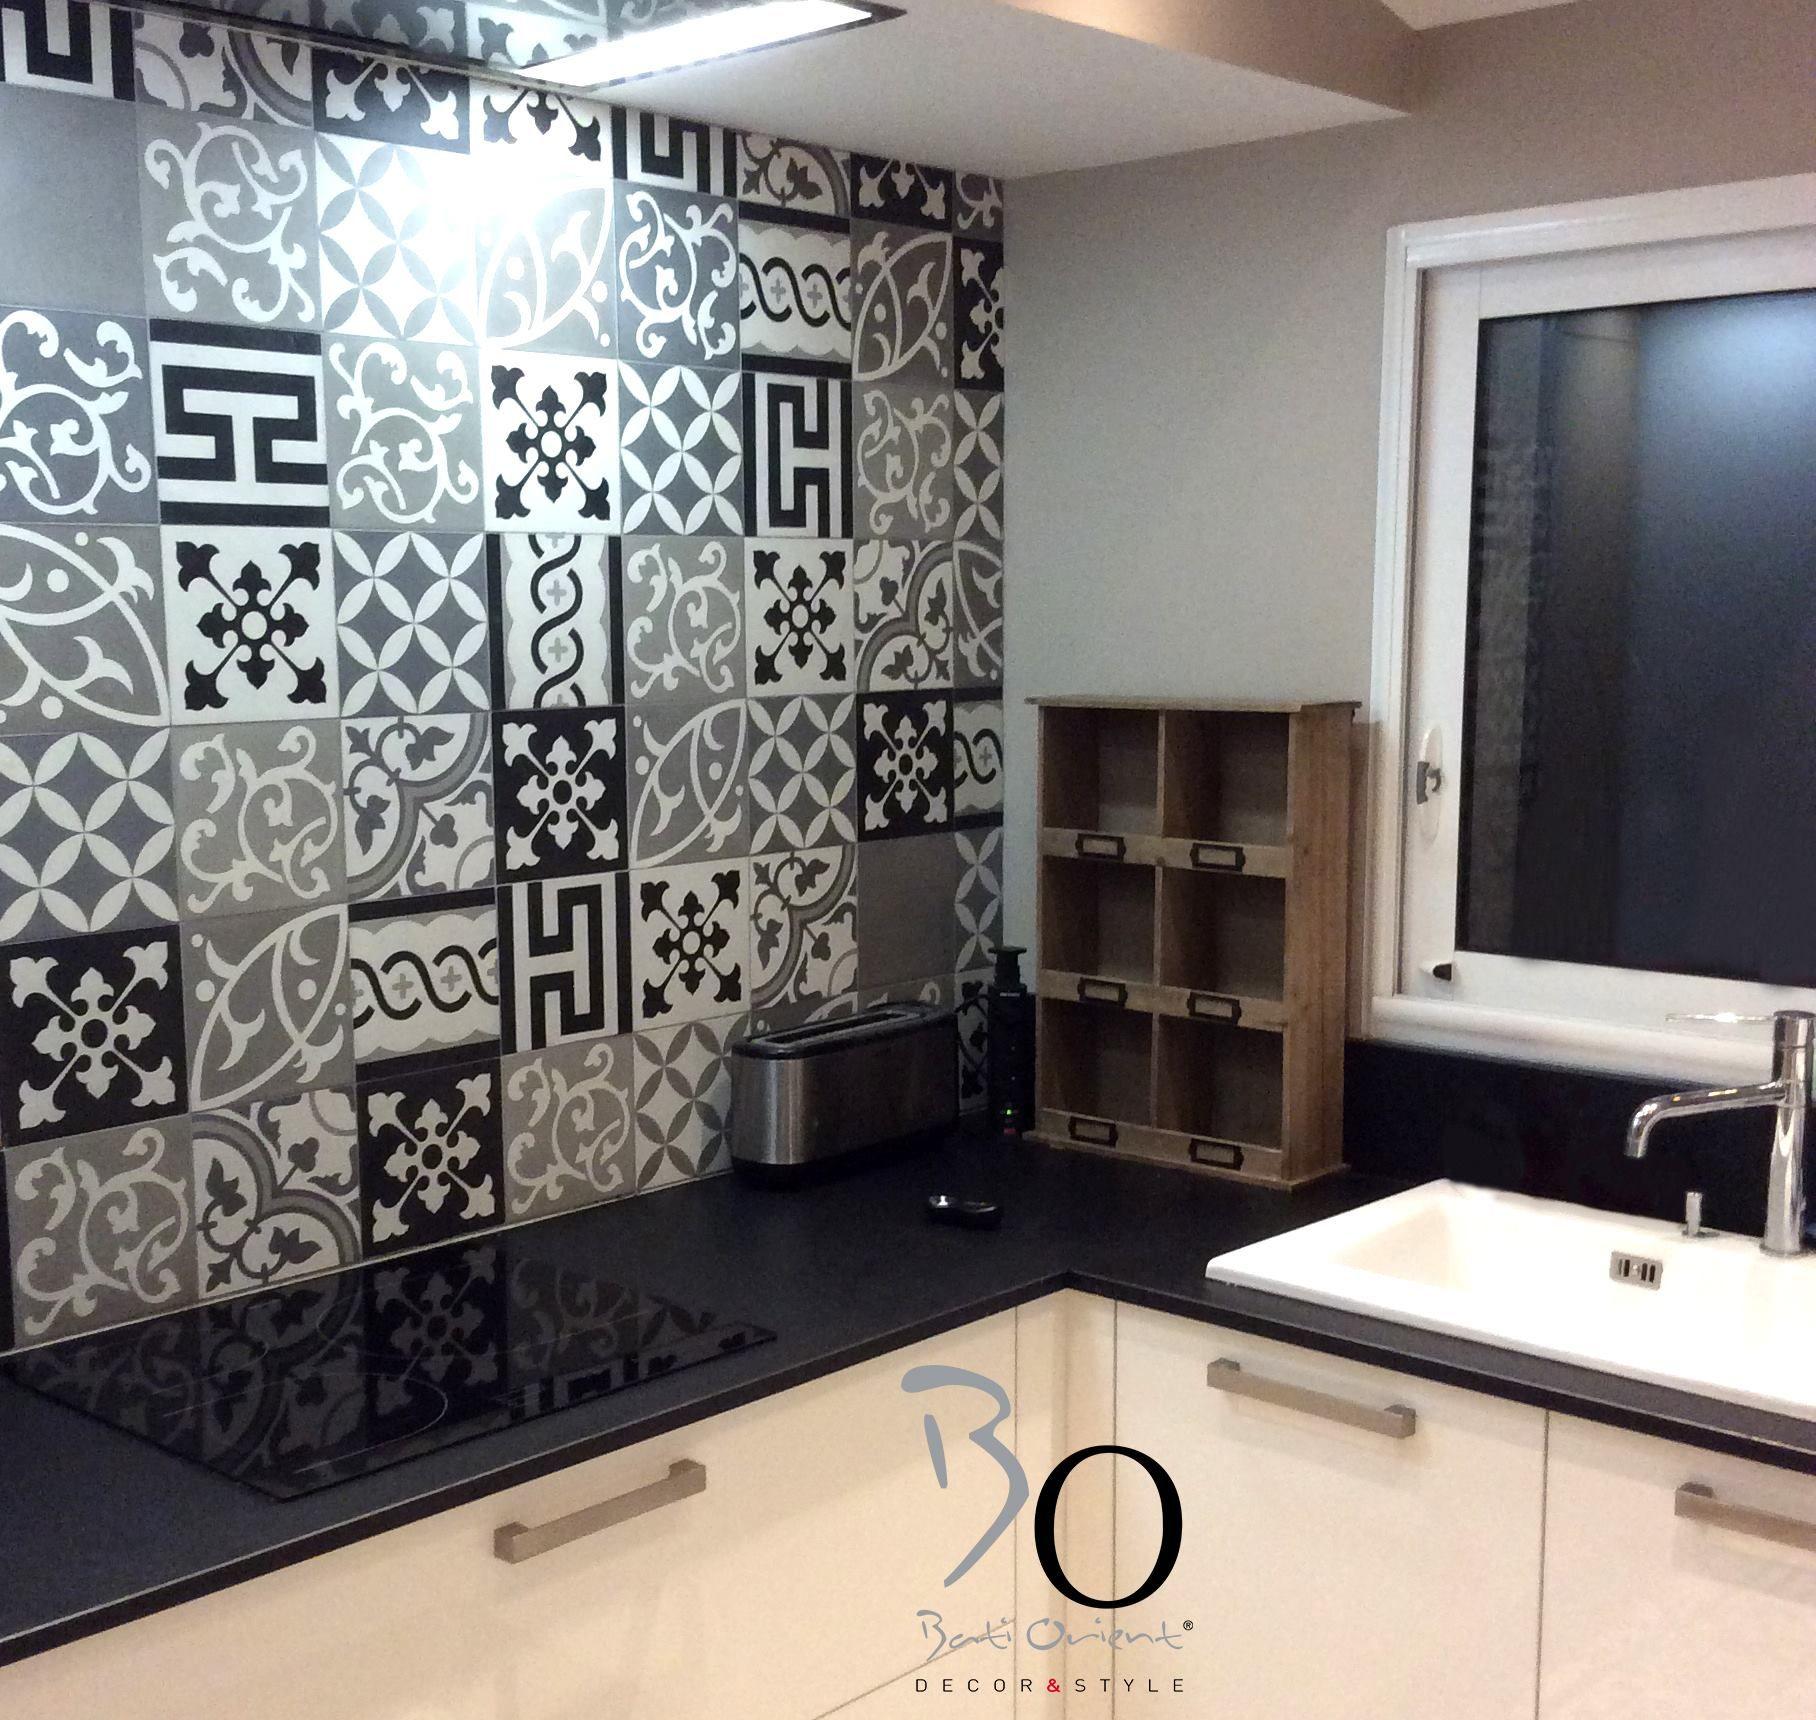 Bati orient propose pour cette cuisine ce patchwork de carreaux ciment carr - Carreaux ciment patchwork ...